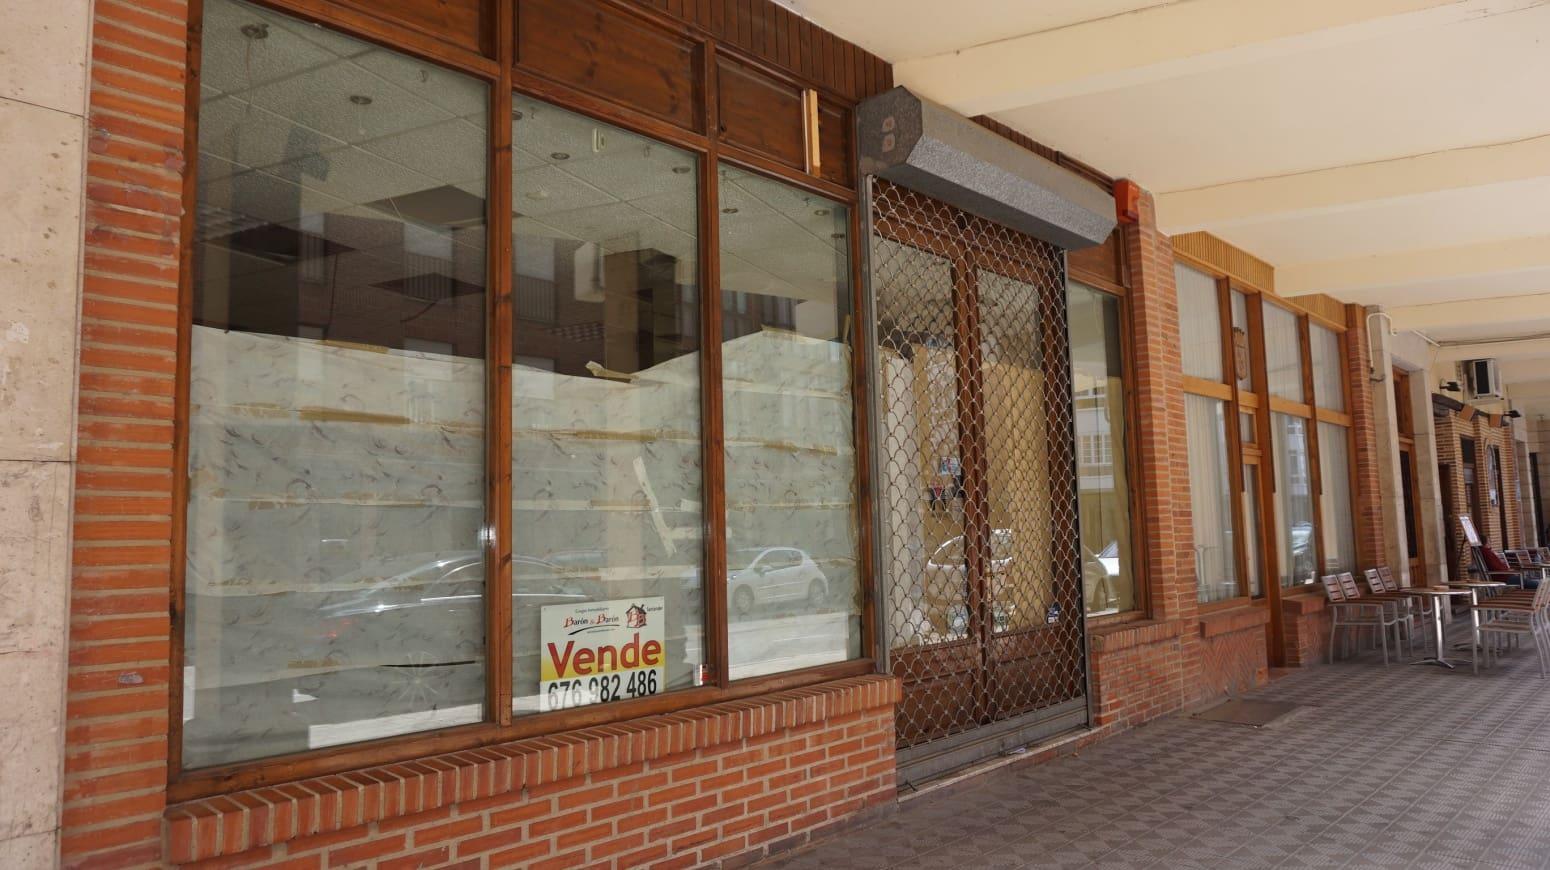 2 chambre Local Commercial à vendre à Aguilar de Campoo - 130 000 € (Ref: 4688366)